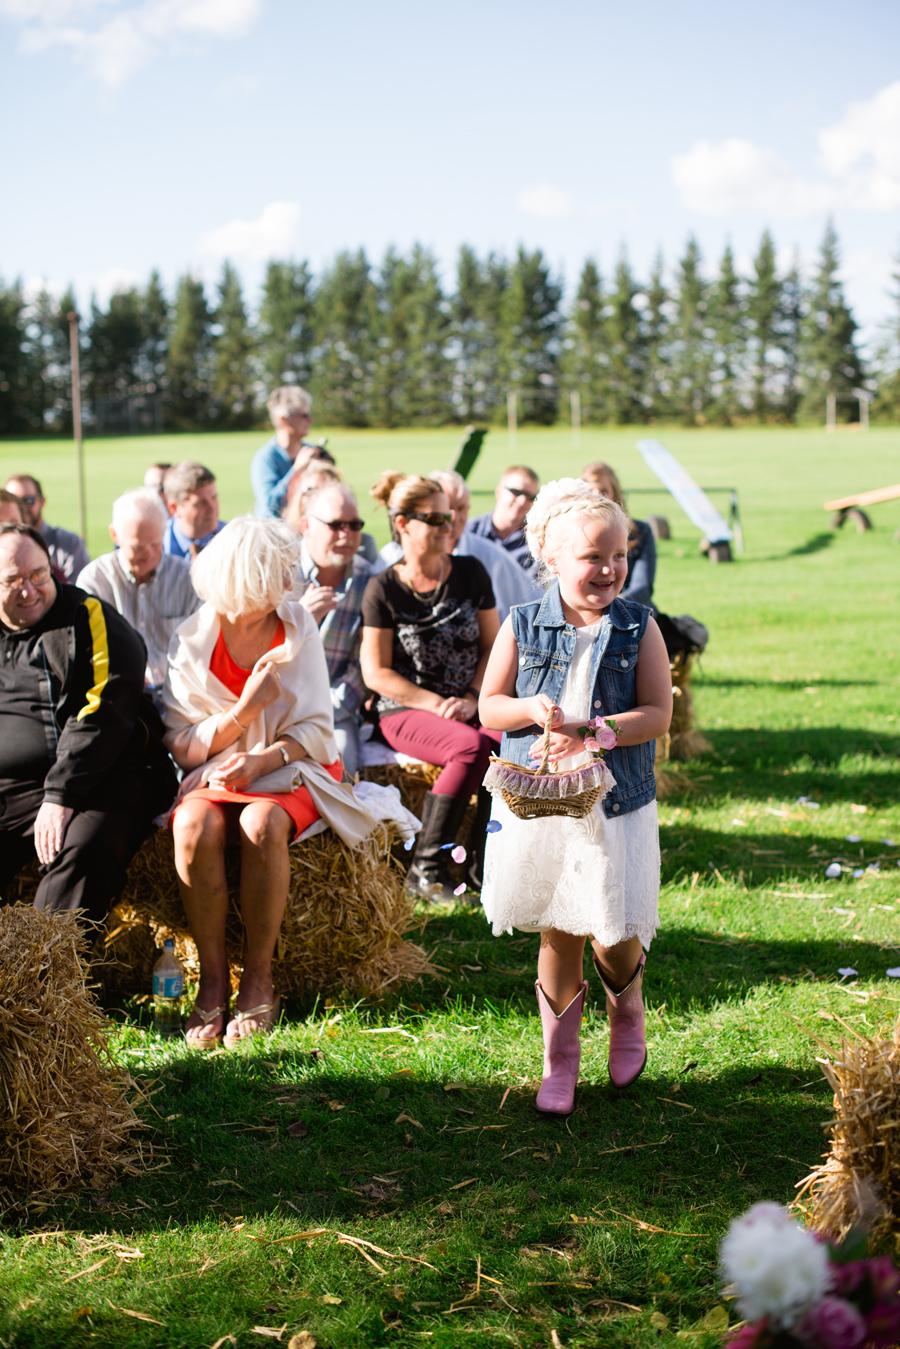 bbcollective_yeg_2016_dawniaandjeffrey_wedding_photography050.jpg